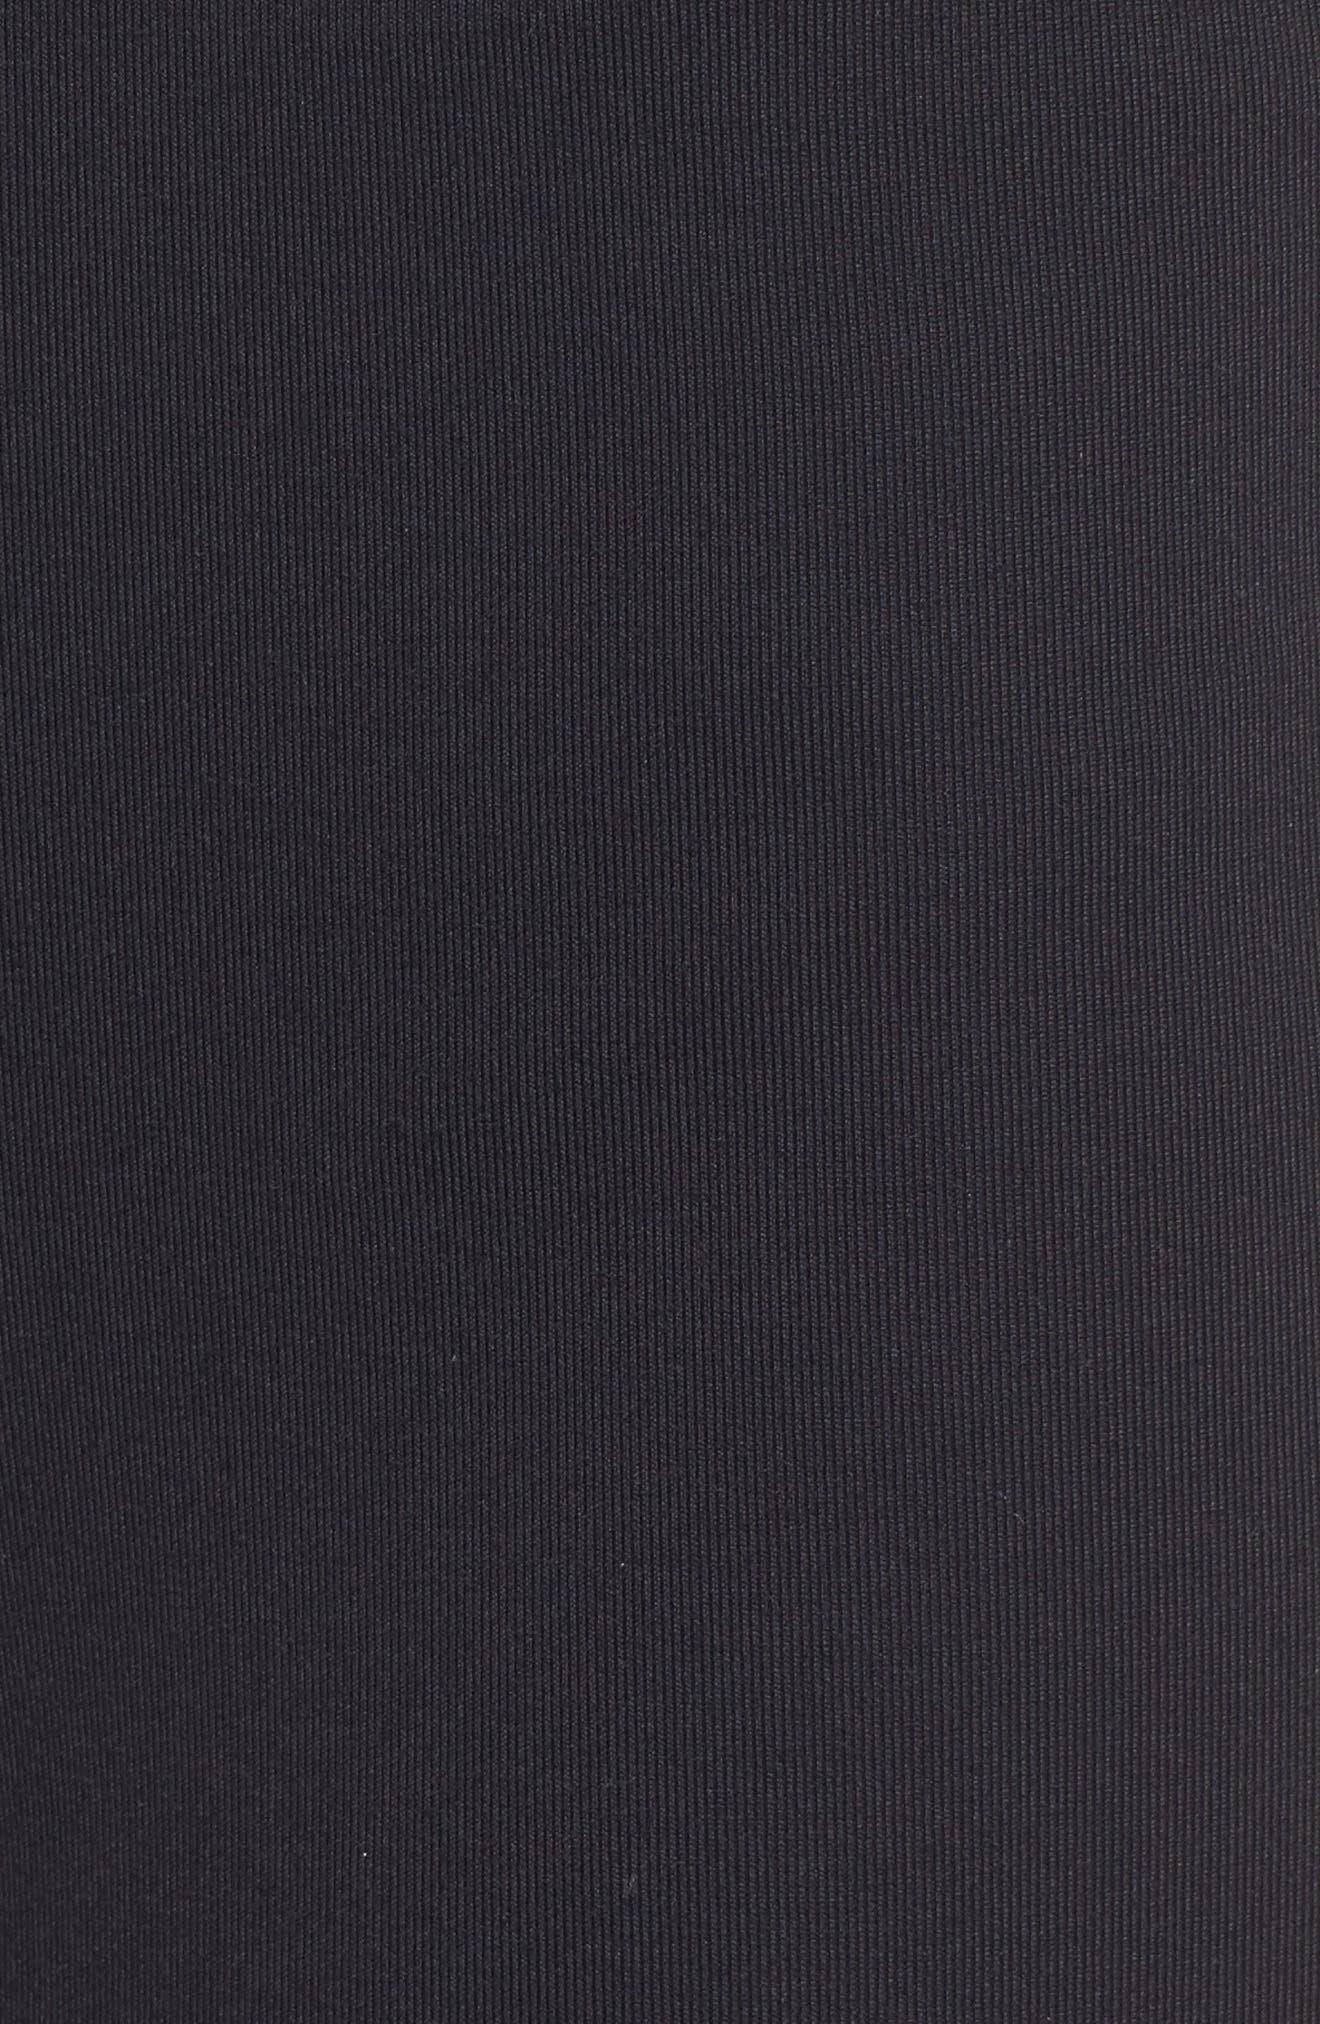 Stripe High Waist Ankle Leggings,                             Alternate thumbnail 5, color,                             Black